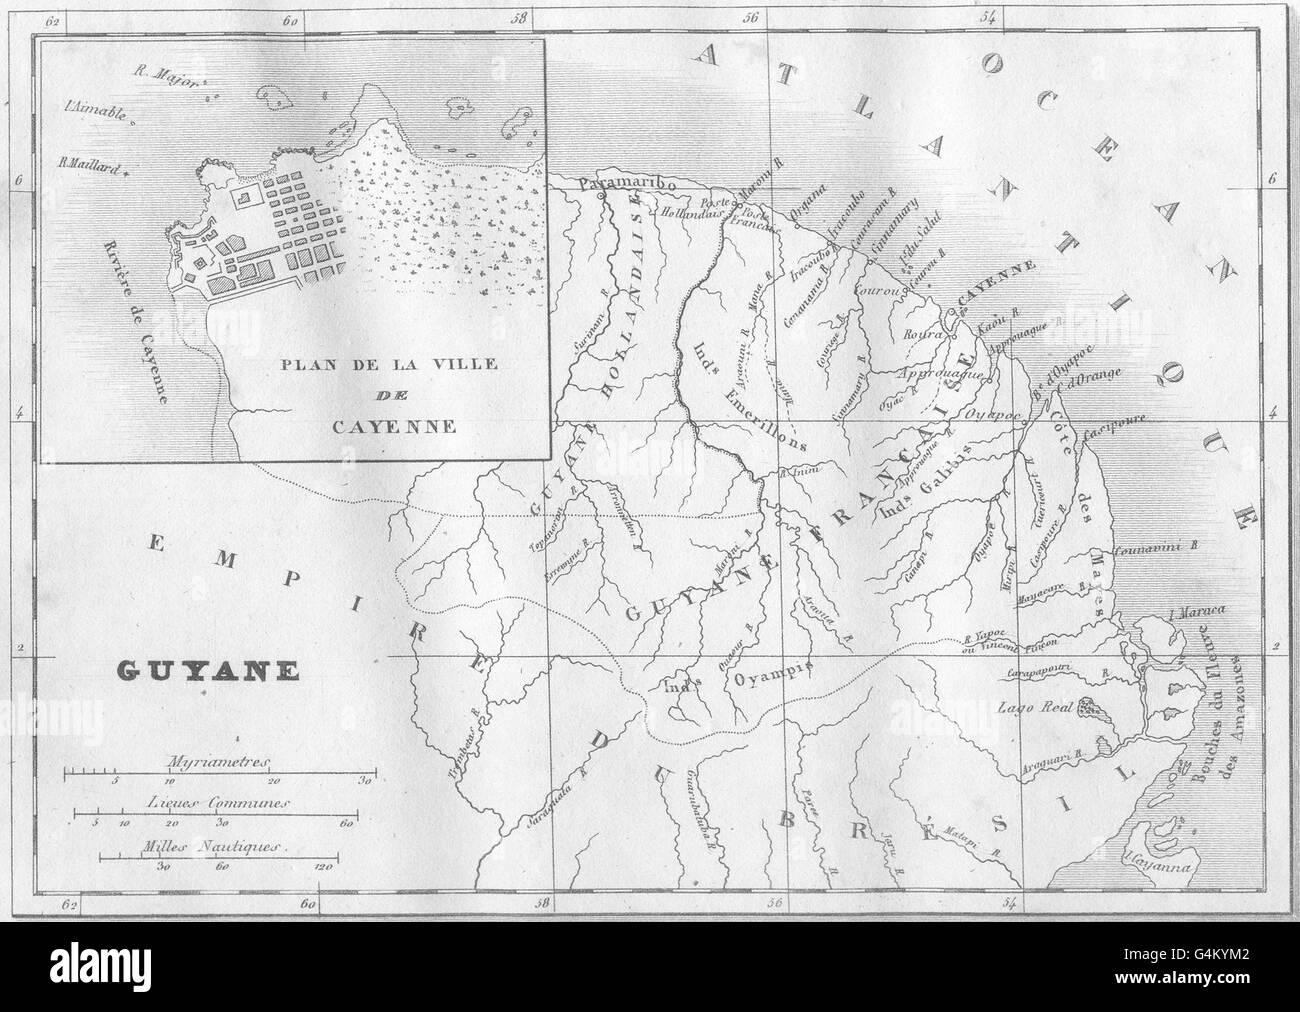 GUYANA Guadeloupe Guyane Inset map of Plan de la Ville de Cayenne